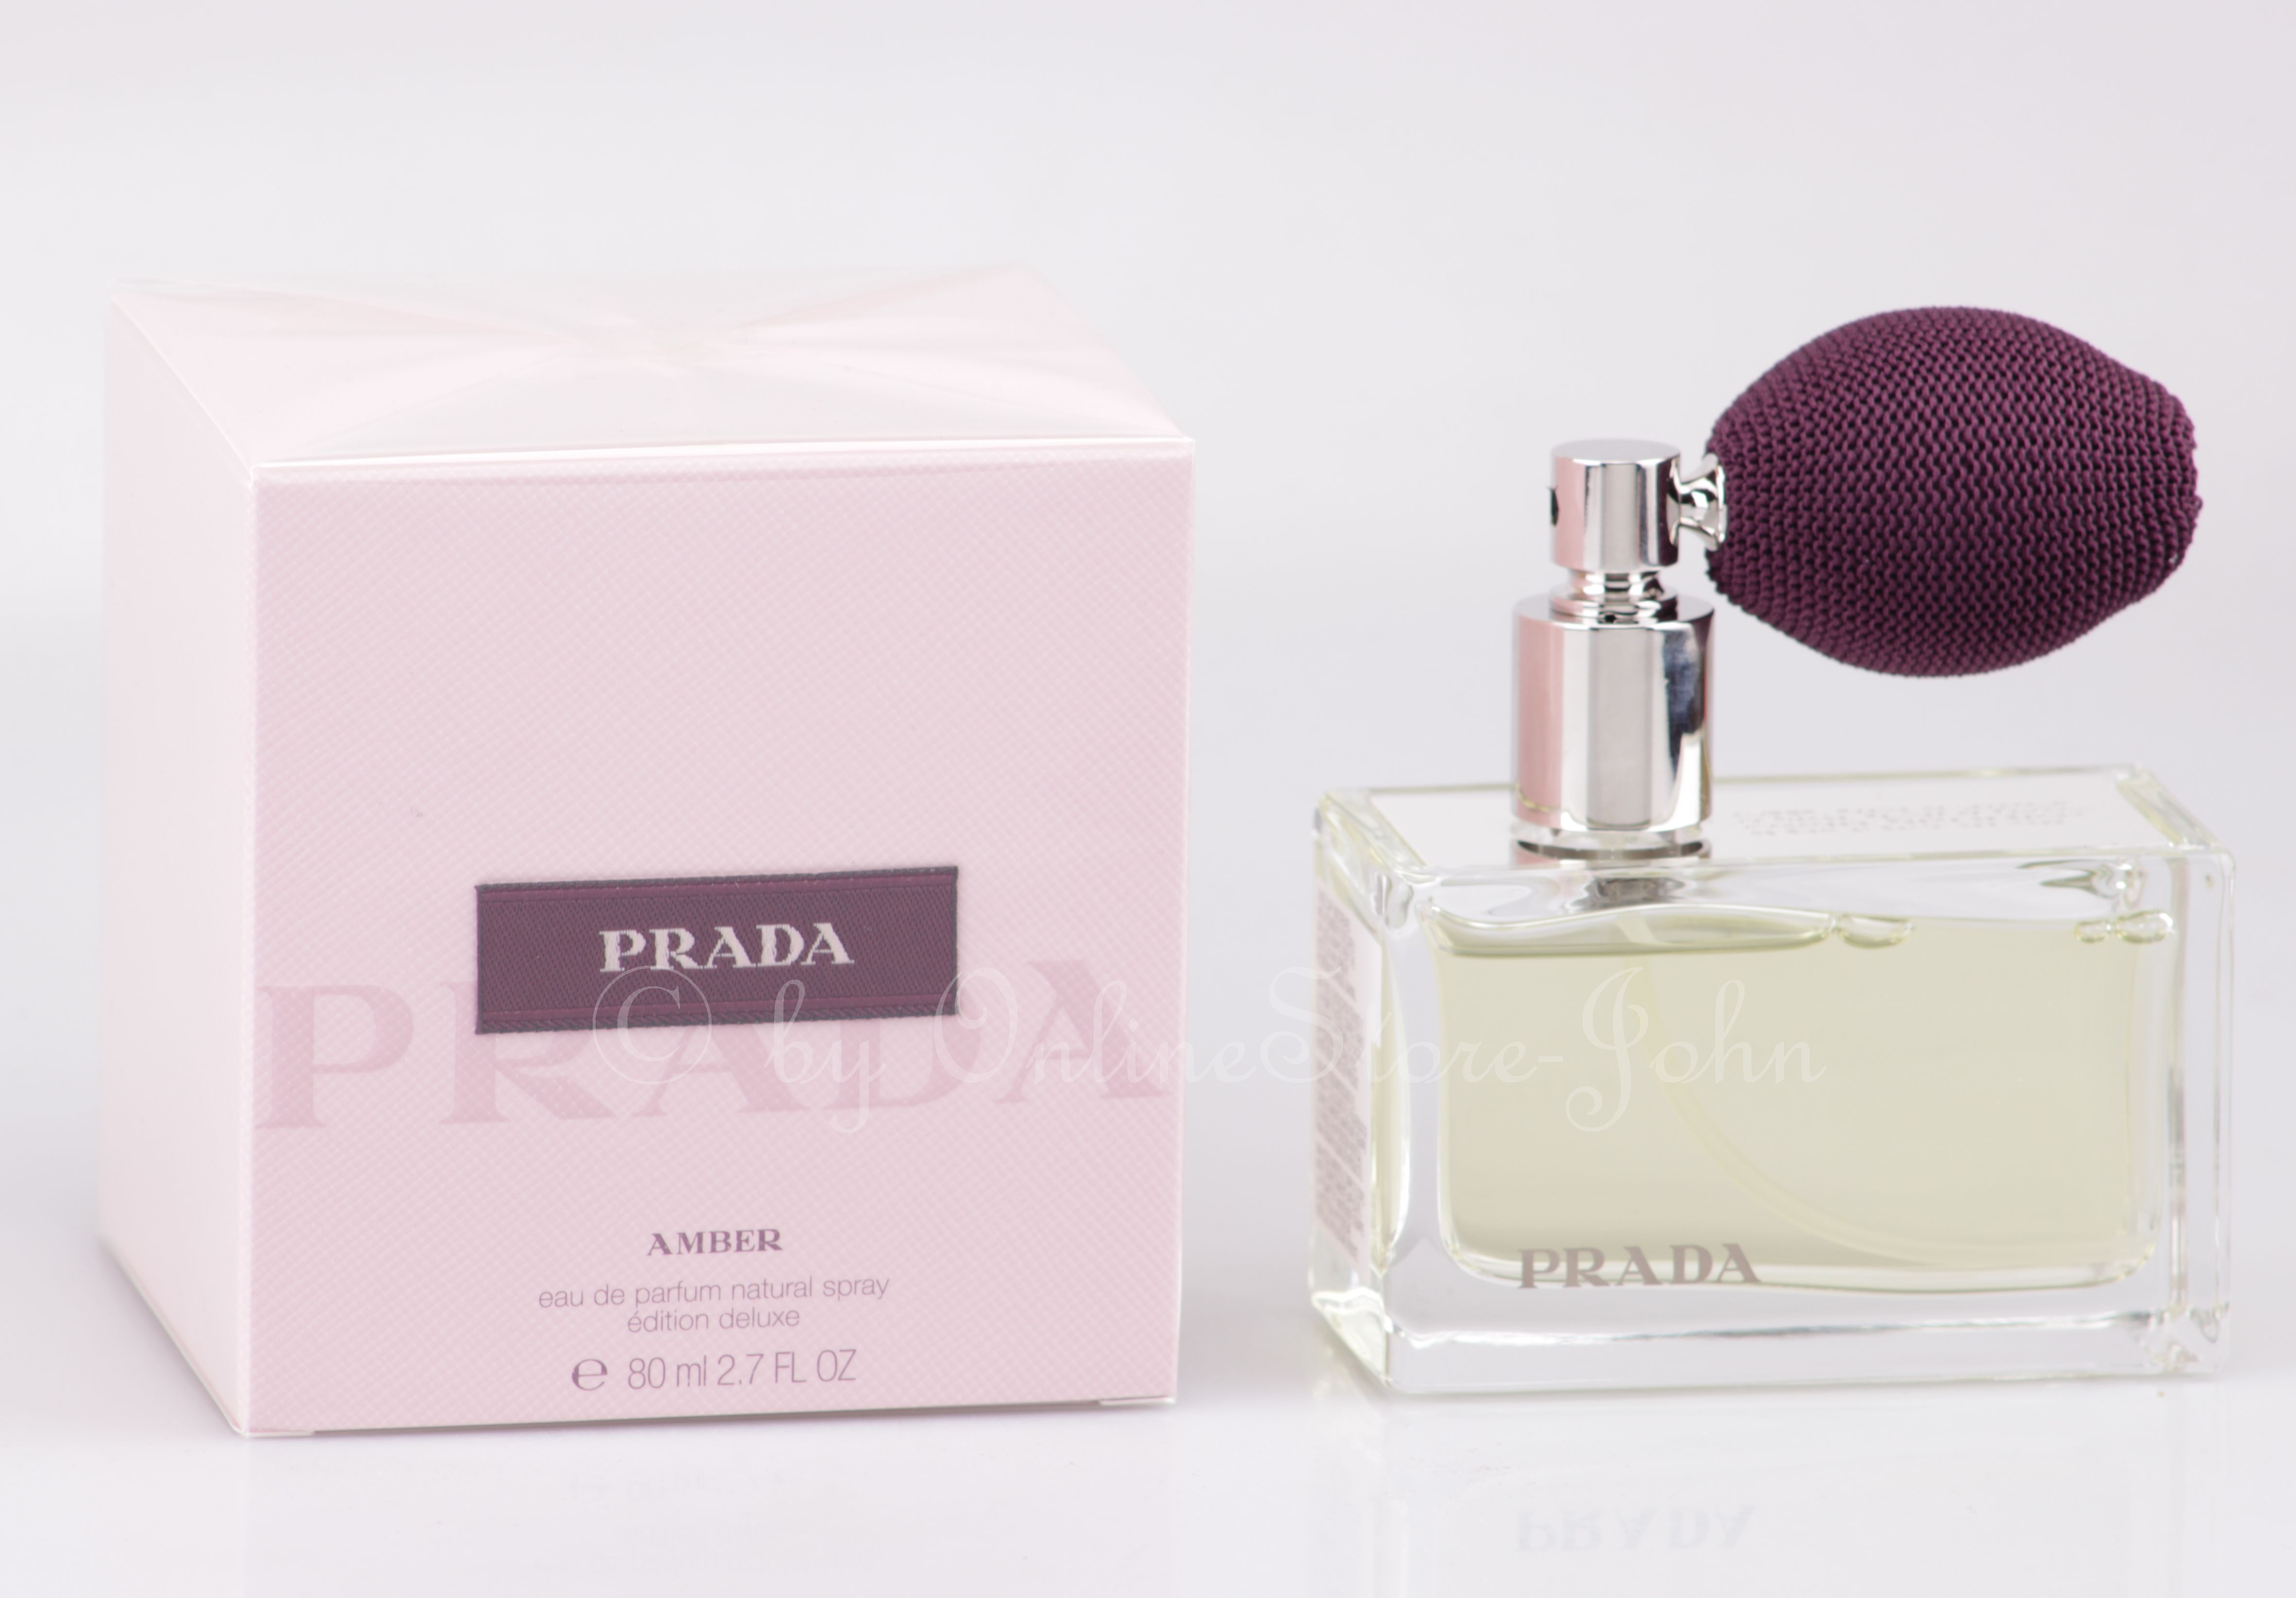 Edp Luxe Eau Amber 80ml Prada De Parfum Aj5R34L